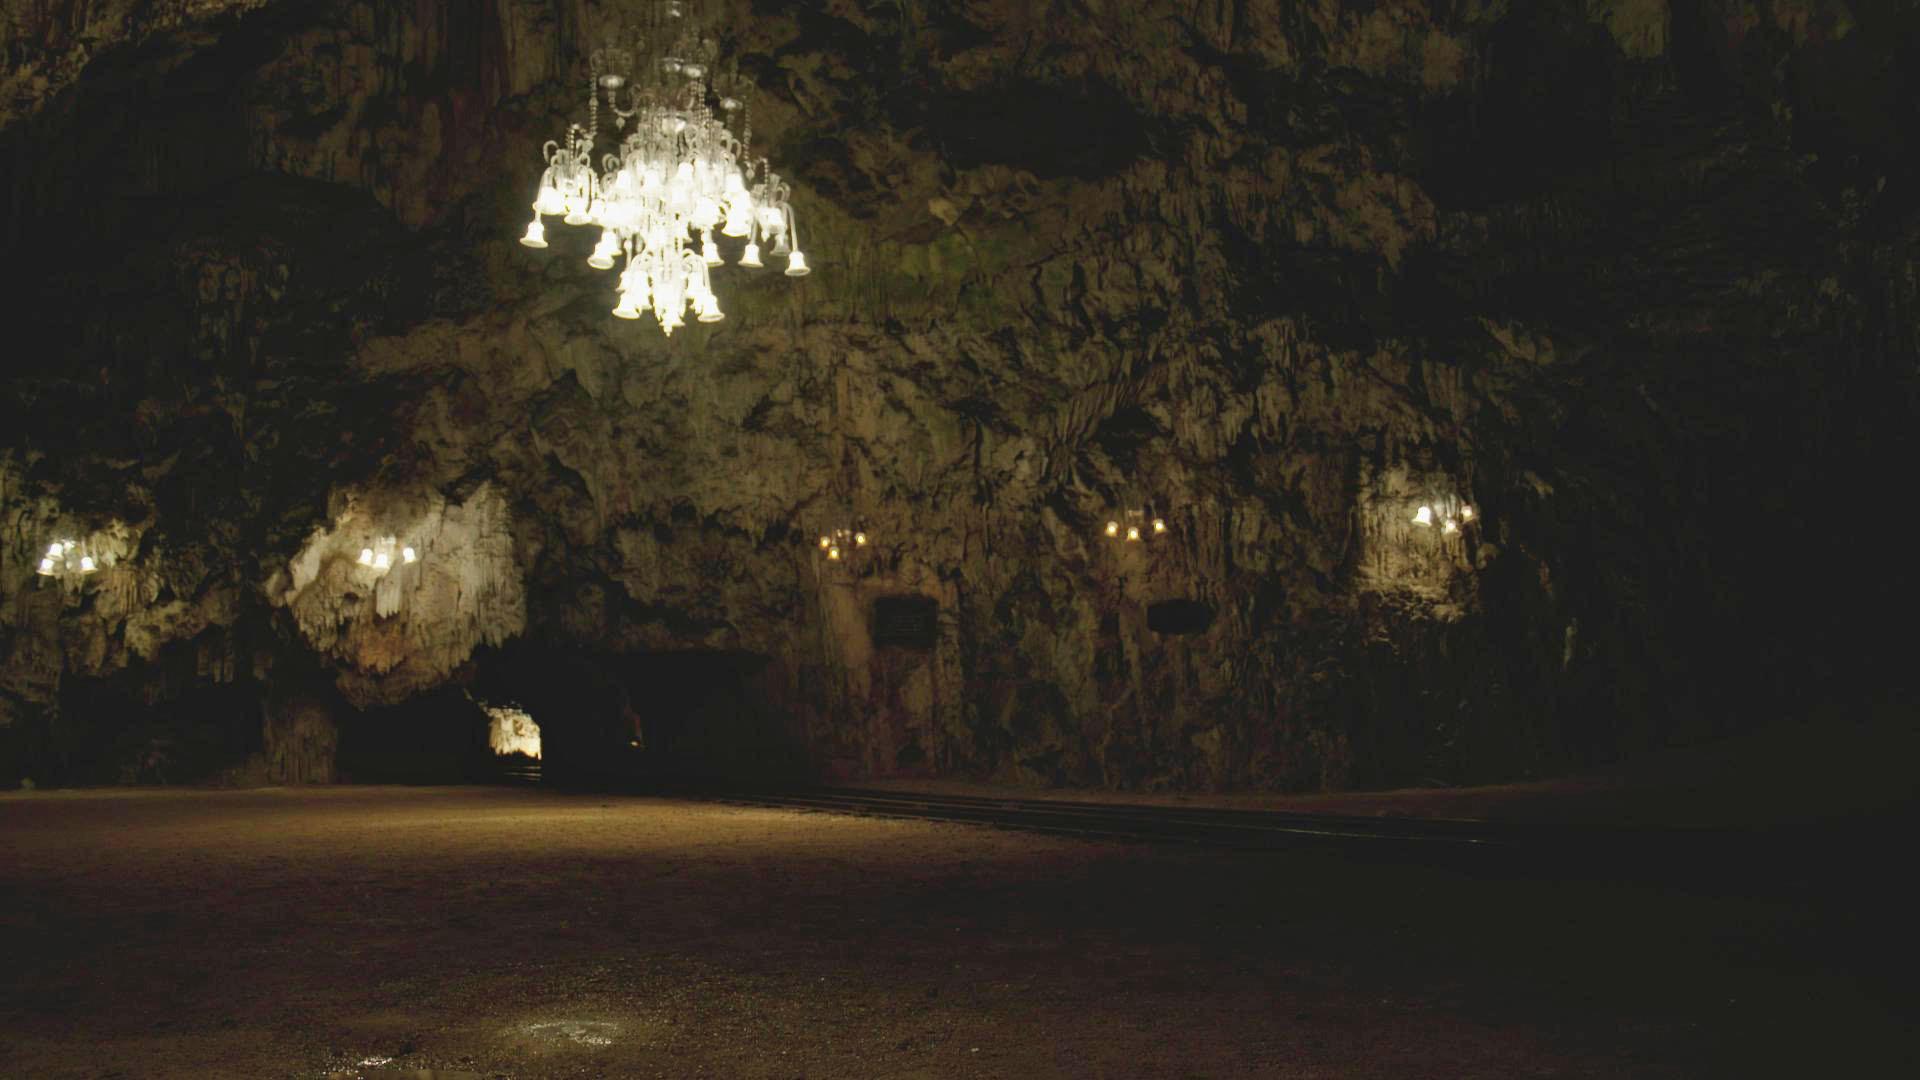 07 Ballsaal in der Tropfsteinhöhle von Postojna